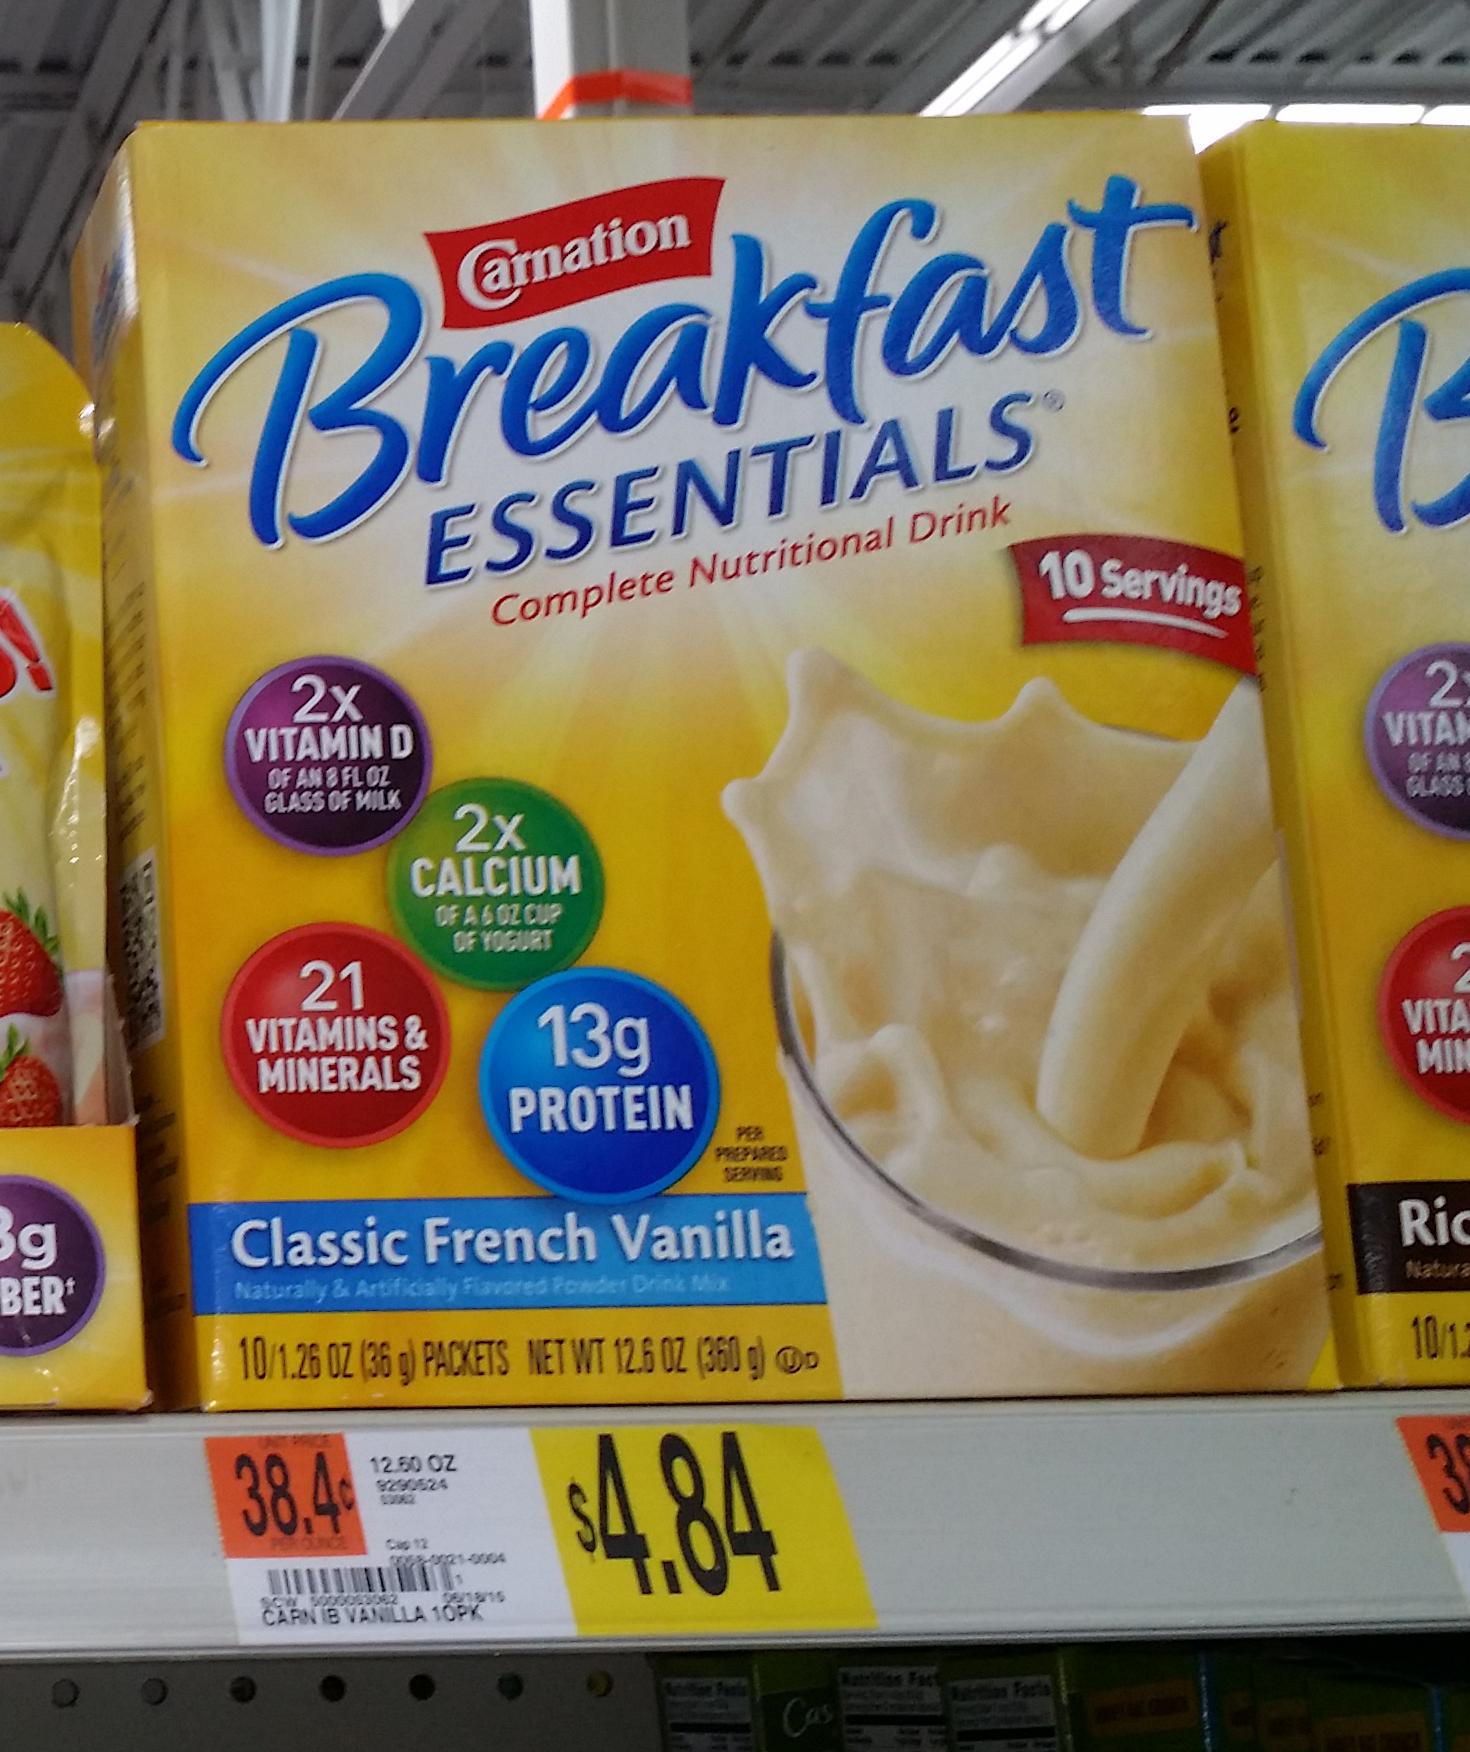 Carnation Breakfast Essentials Just $2.42 at Walmart!